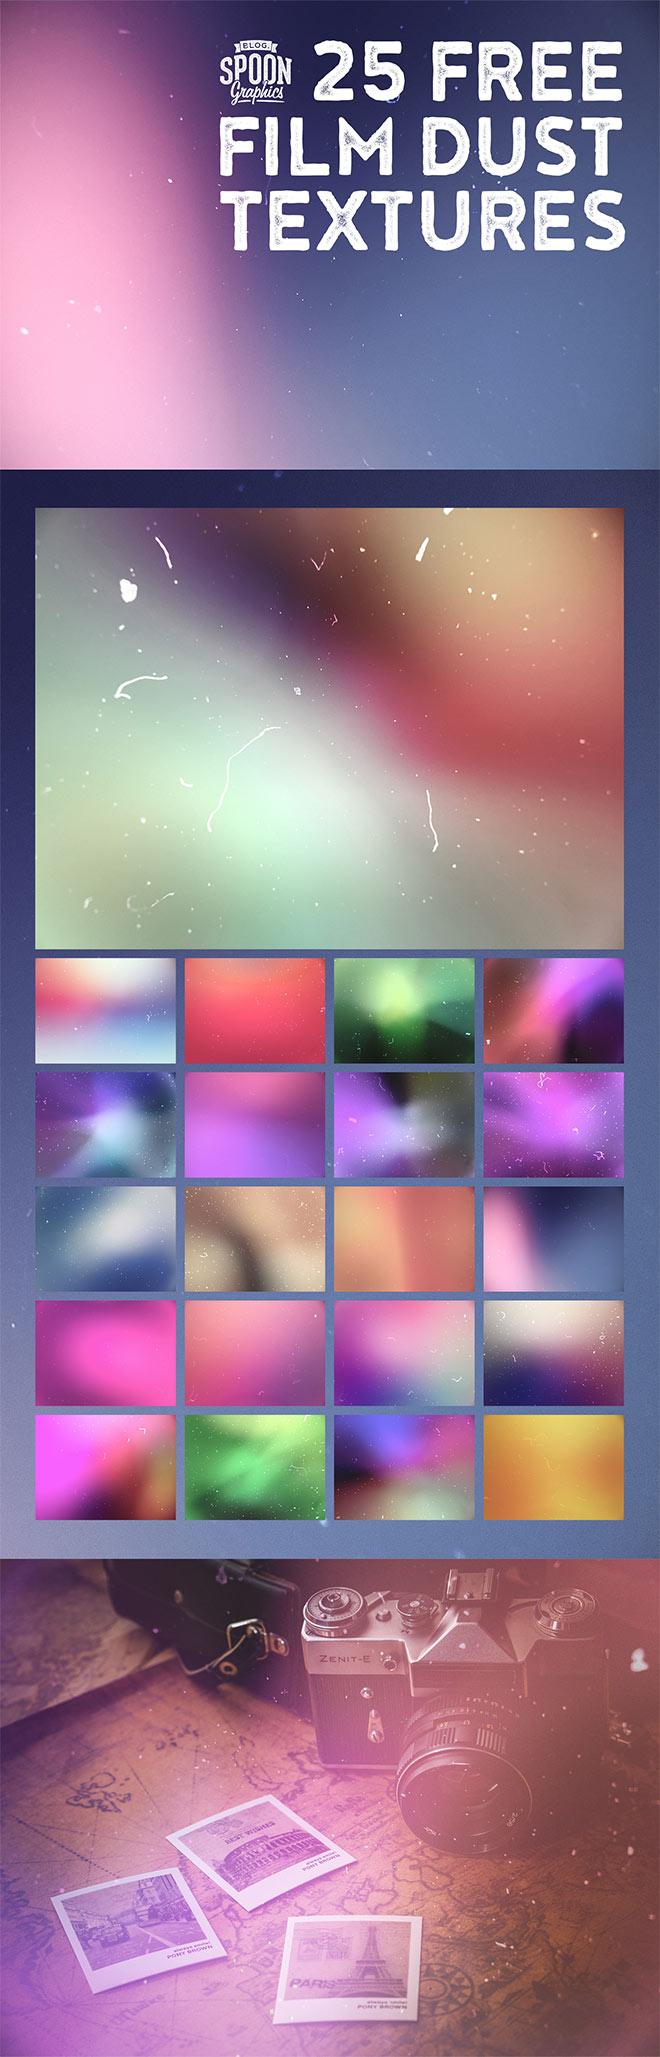 25种旧照片痕迹纹理效果PS笔刷素材下载(JPG图片格式,请叠加使用)